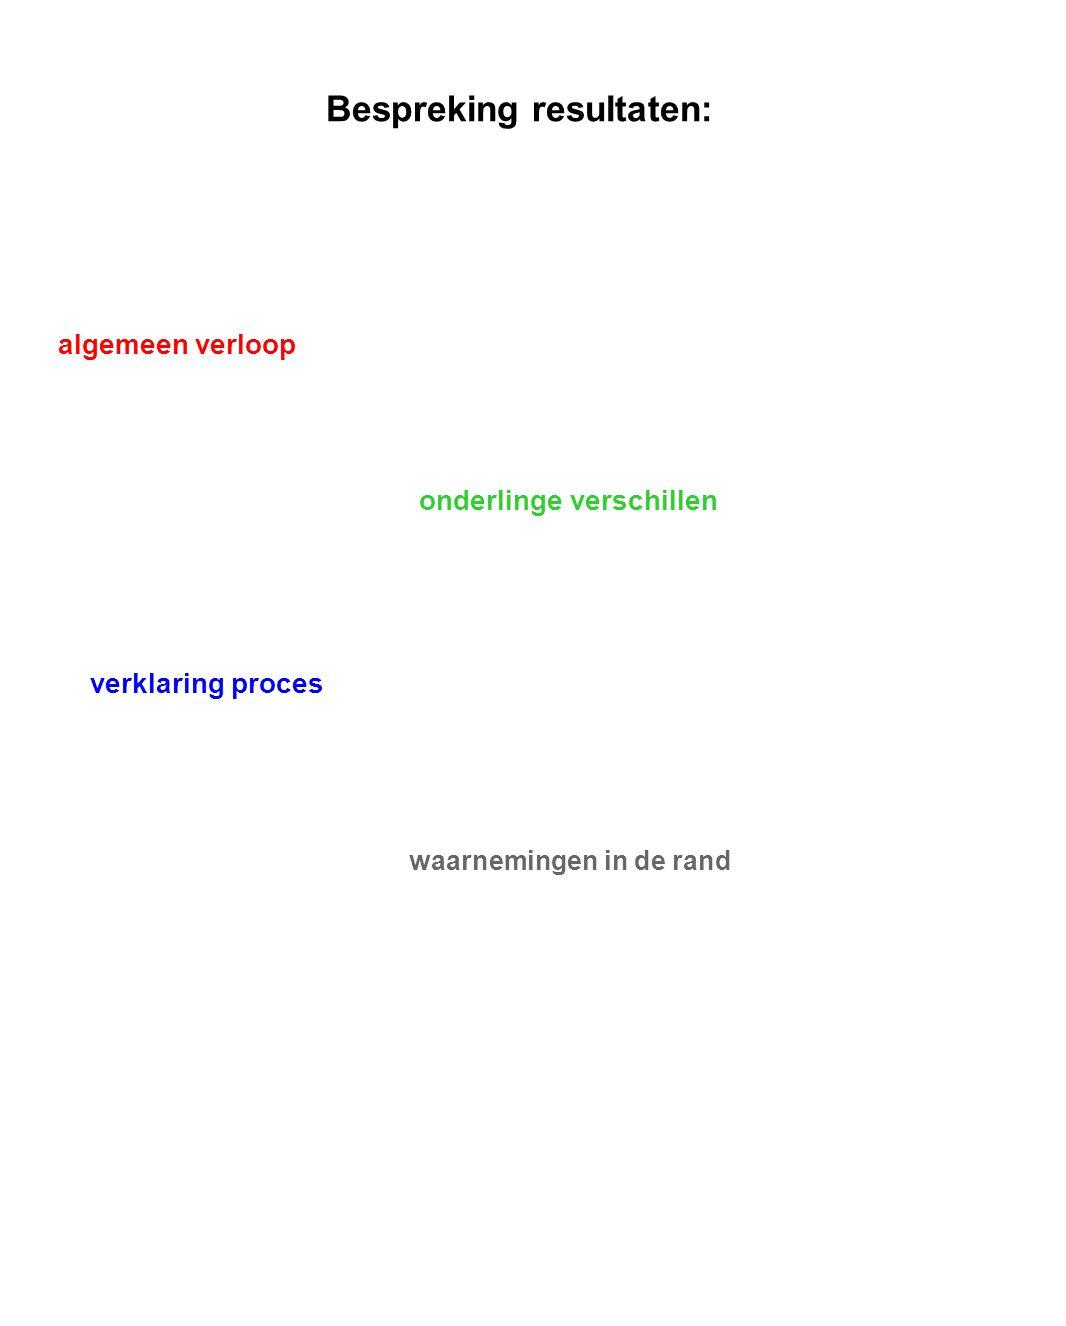 Bespreking resultaten: algemeen verloop onderlinge verschillen verklaring proces waarnemingen in de rand